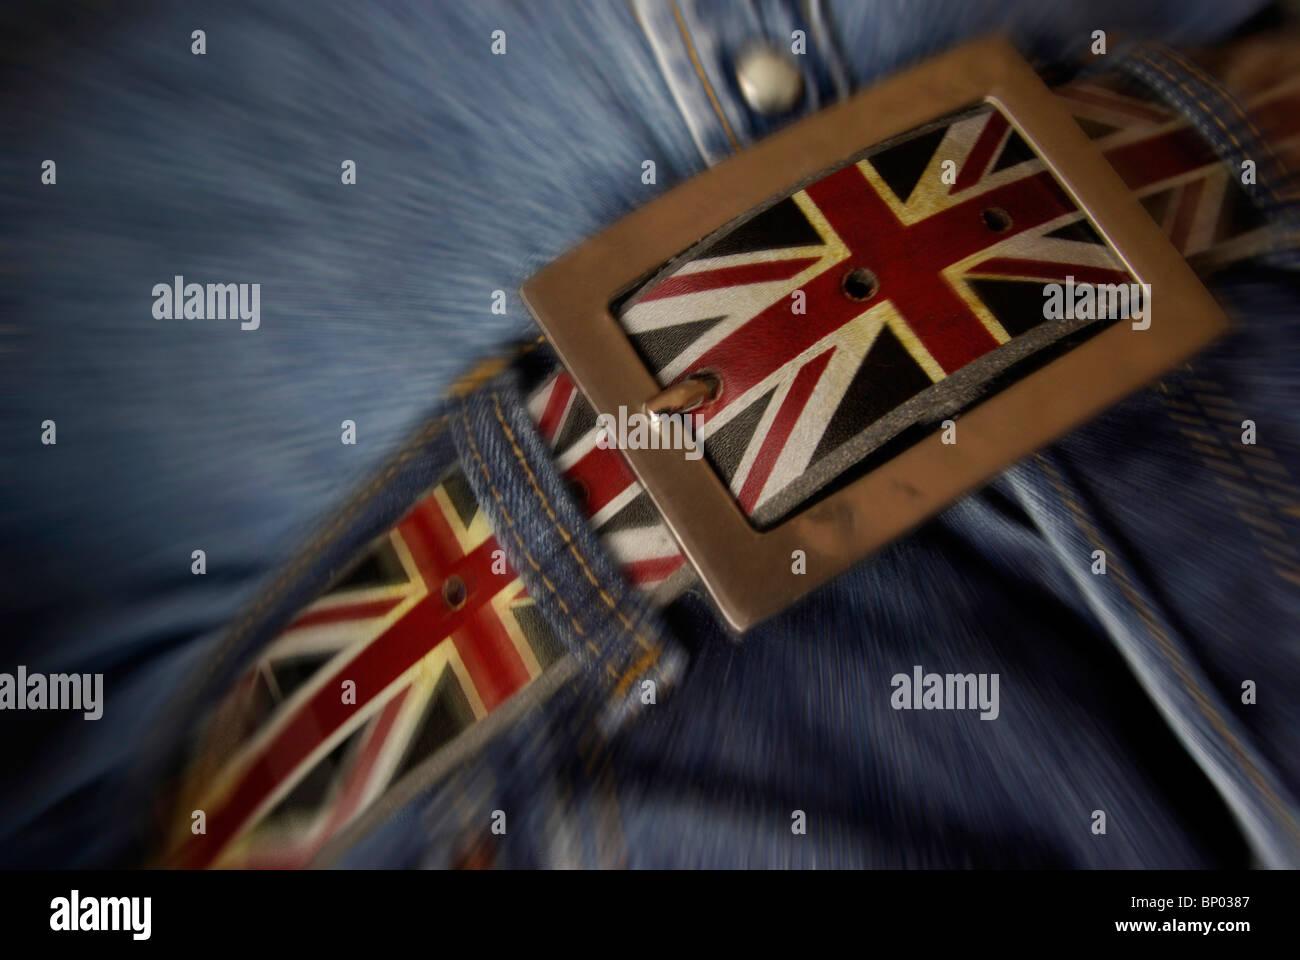 Serrare la cinghia serrando il concetto di cintura con la bandiera del Regno Unito. (Il taglio dei costi,i tagli Immagini Stock